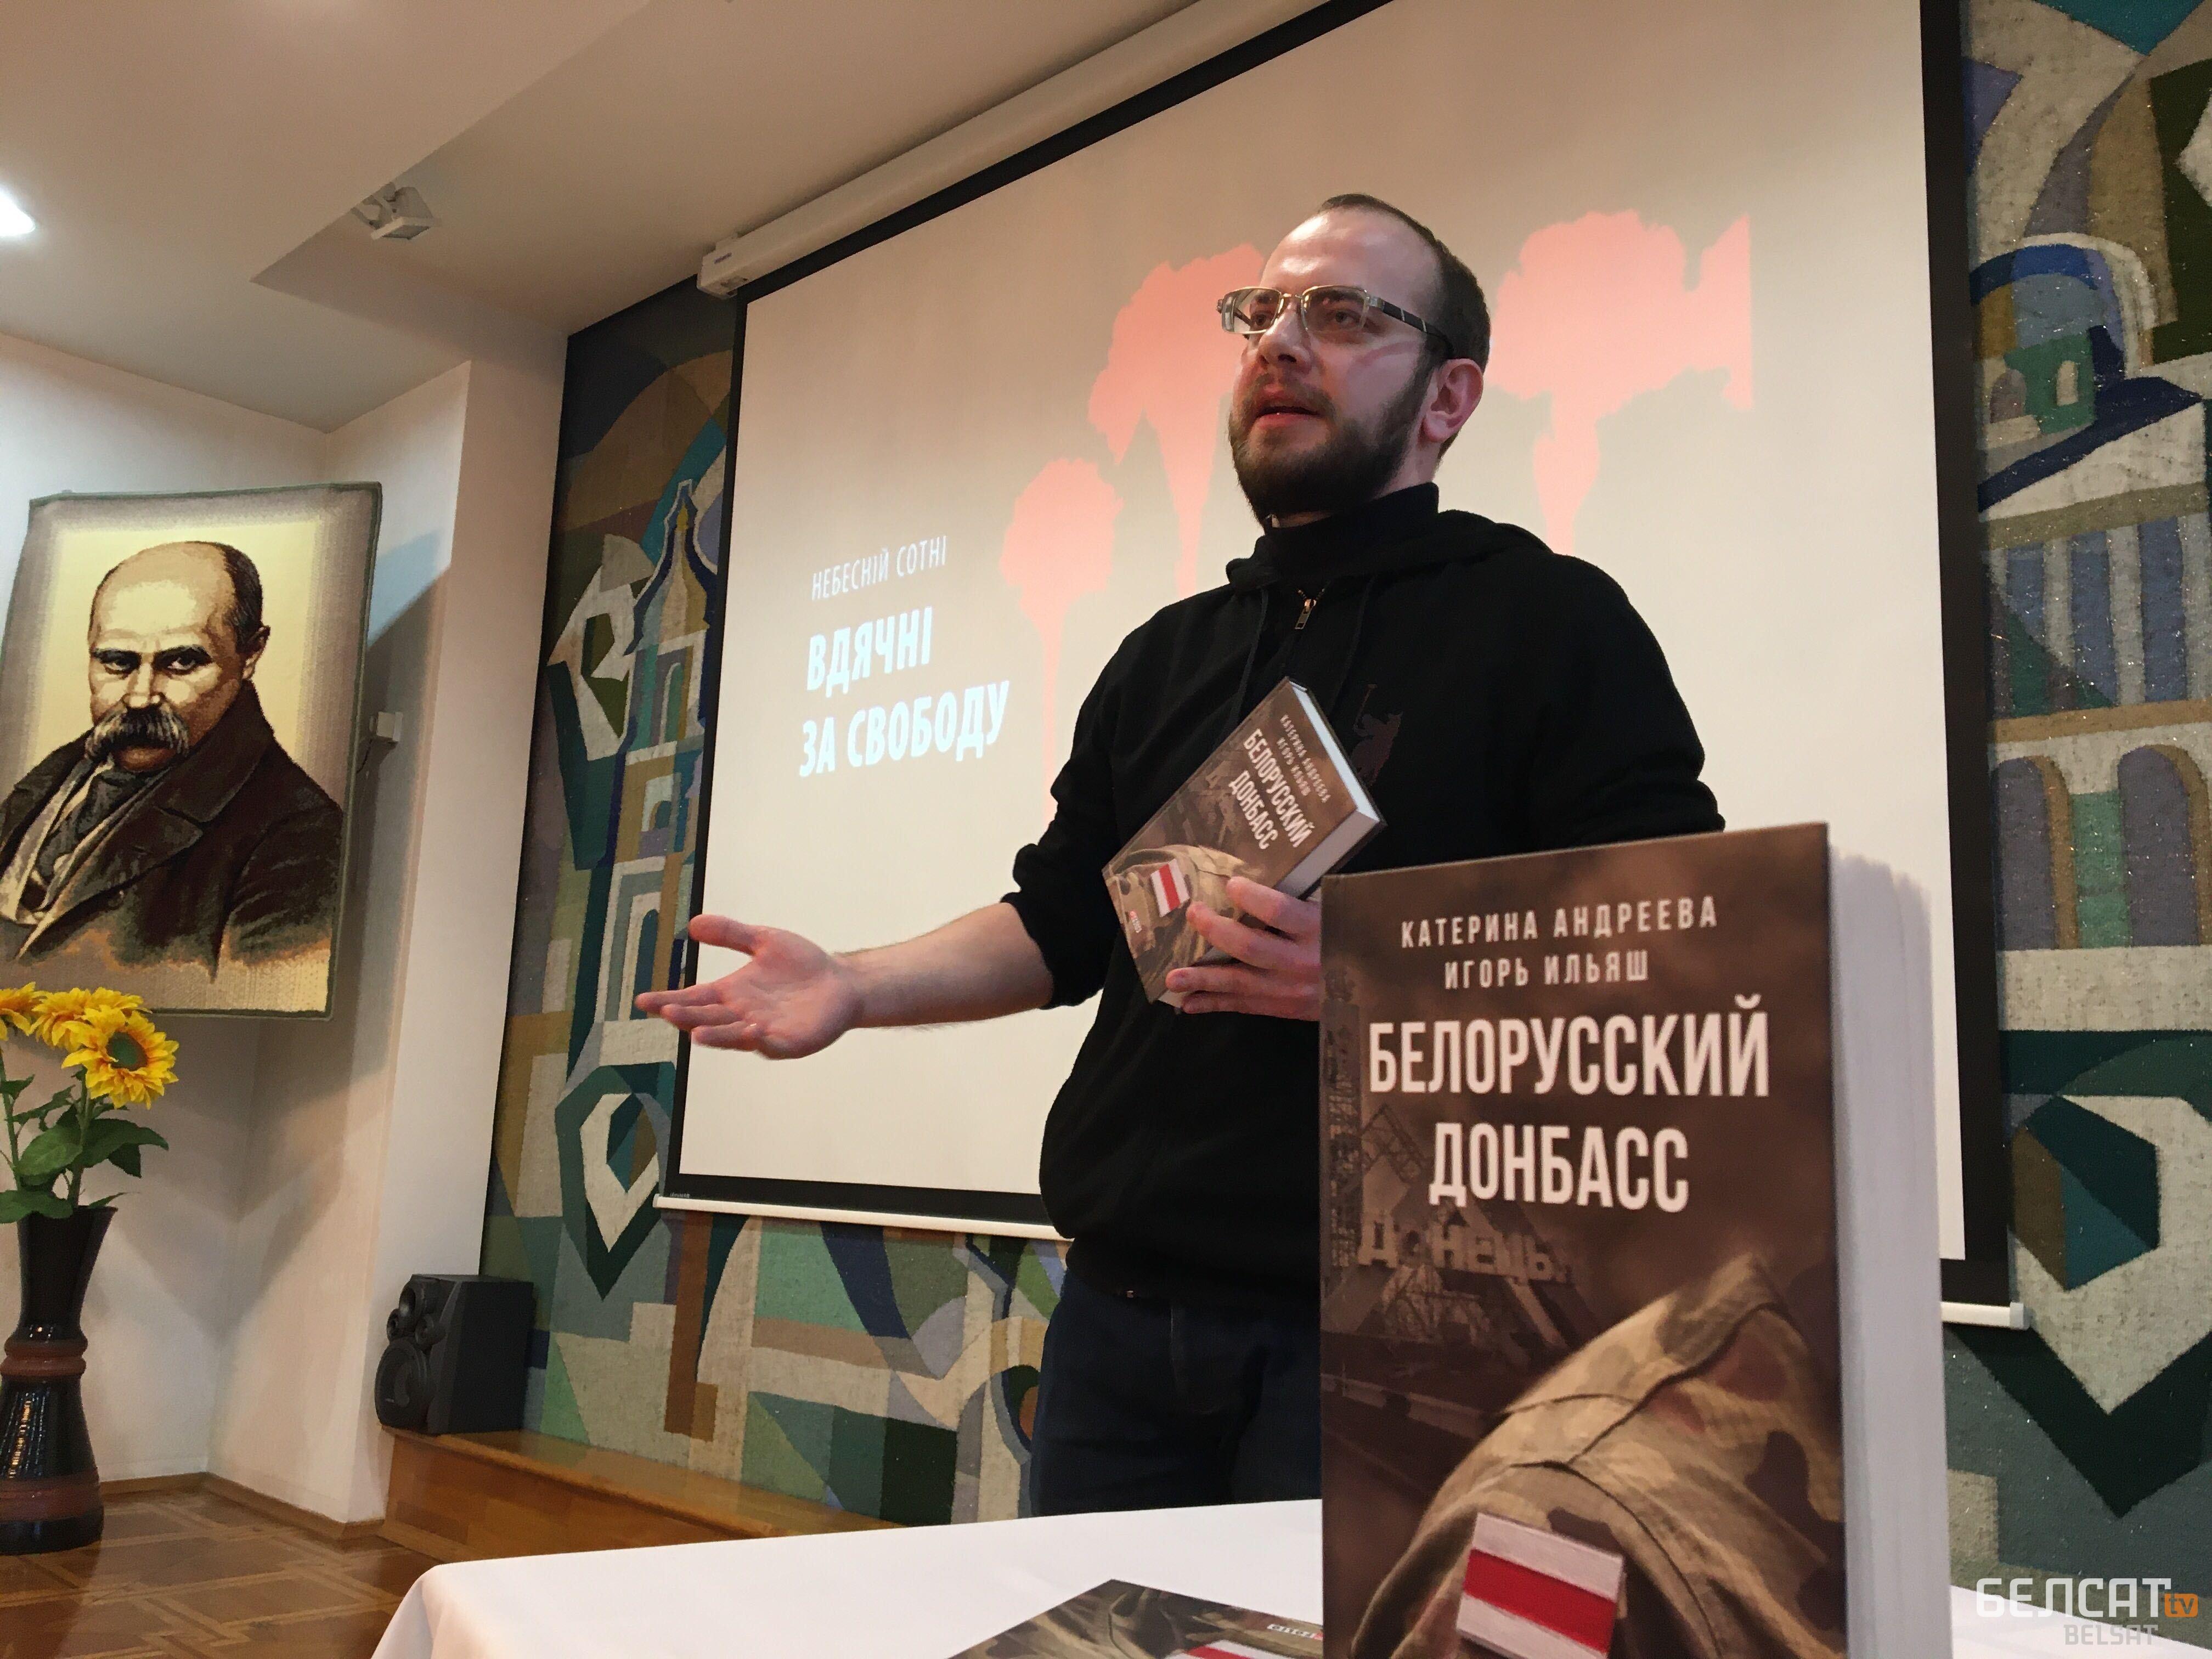 Журналисту Роману Васюковичу грозит штраф за перевоз книги про Донбасс